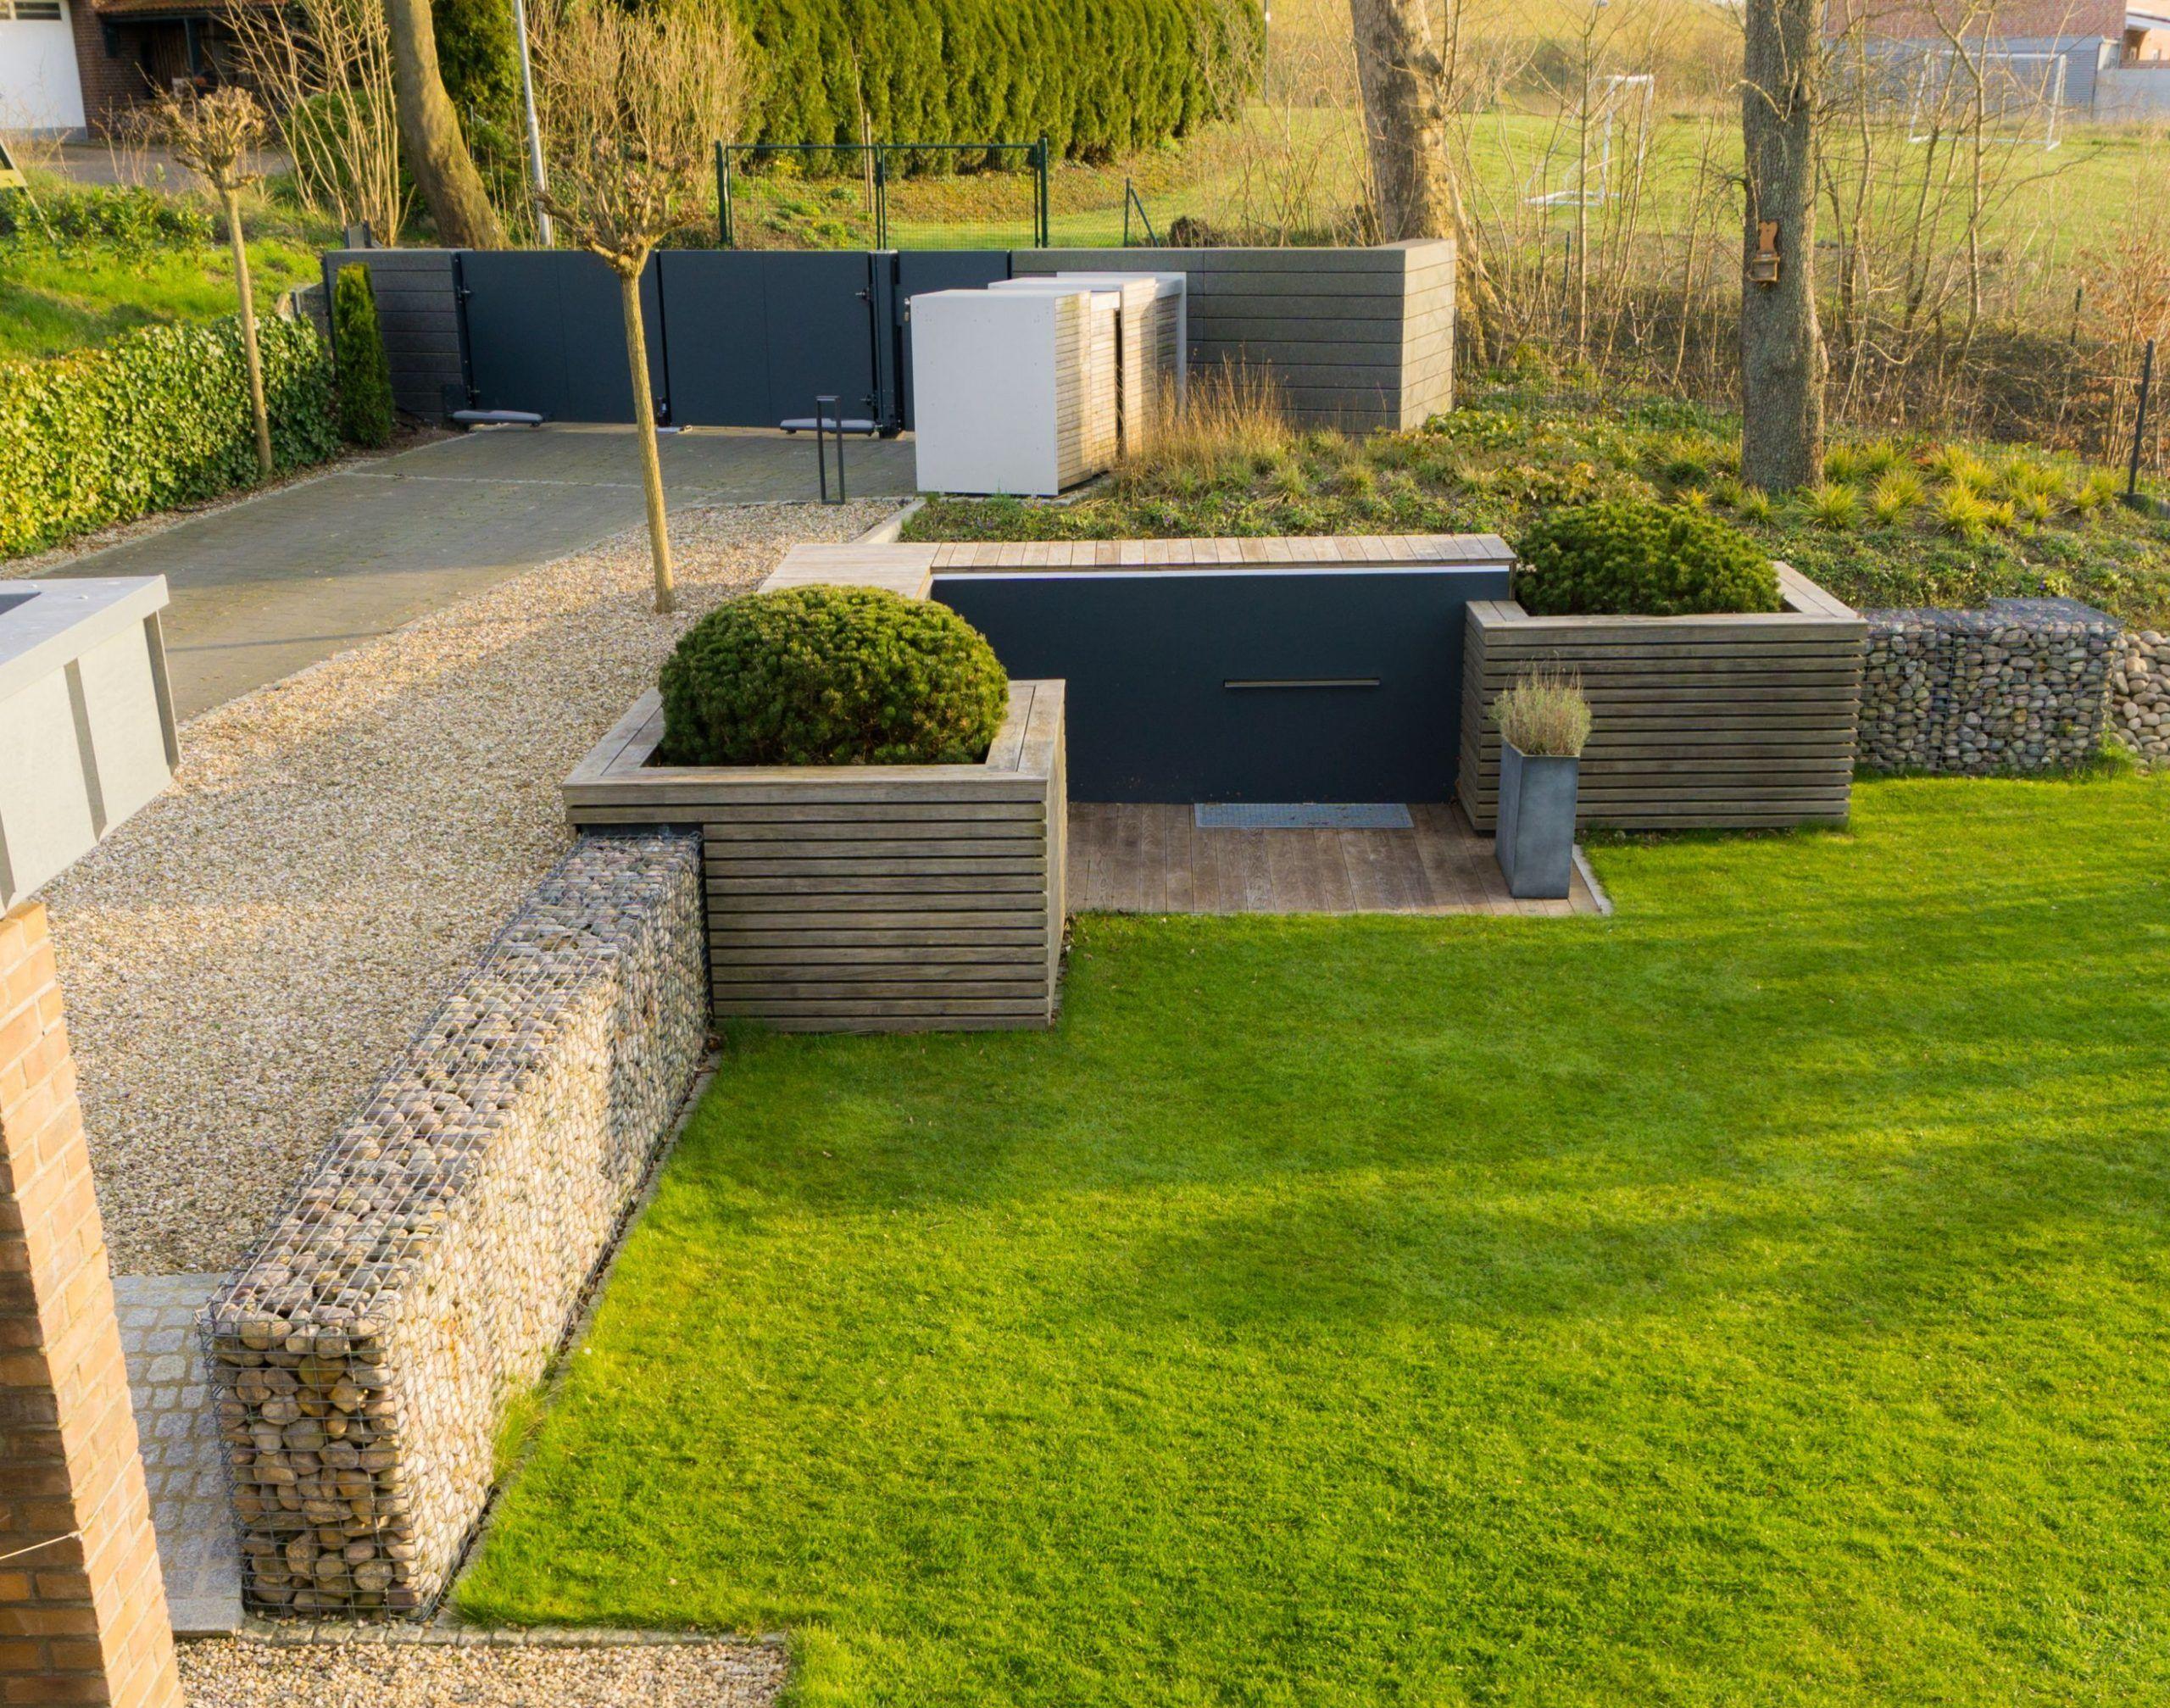 Modernes Hochbeet Zur Hangabstutzung Familiethimm De In 2020 Hochbeet Garten Hochbeet Garten Ideen Hinterhof